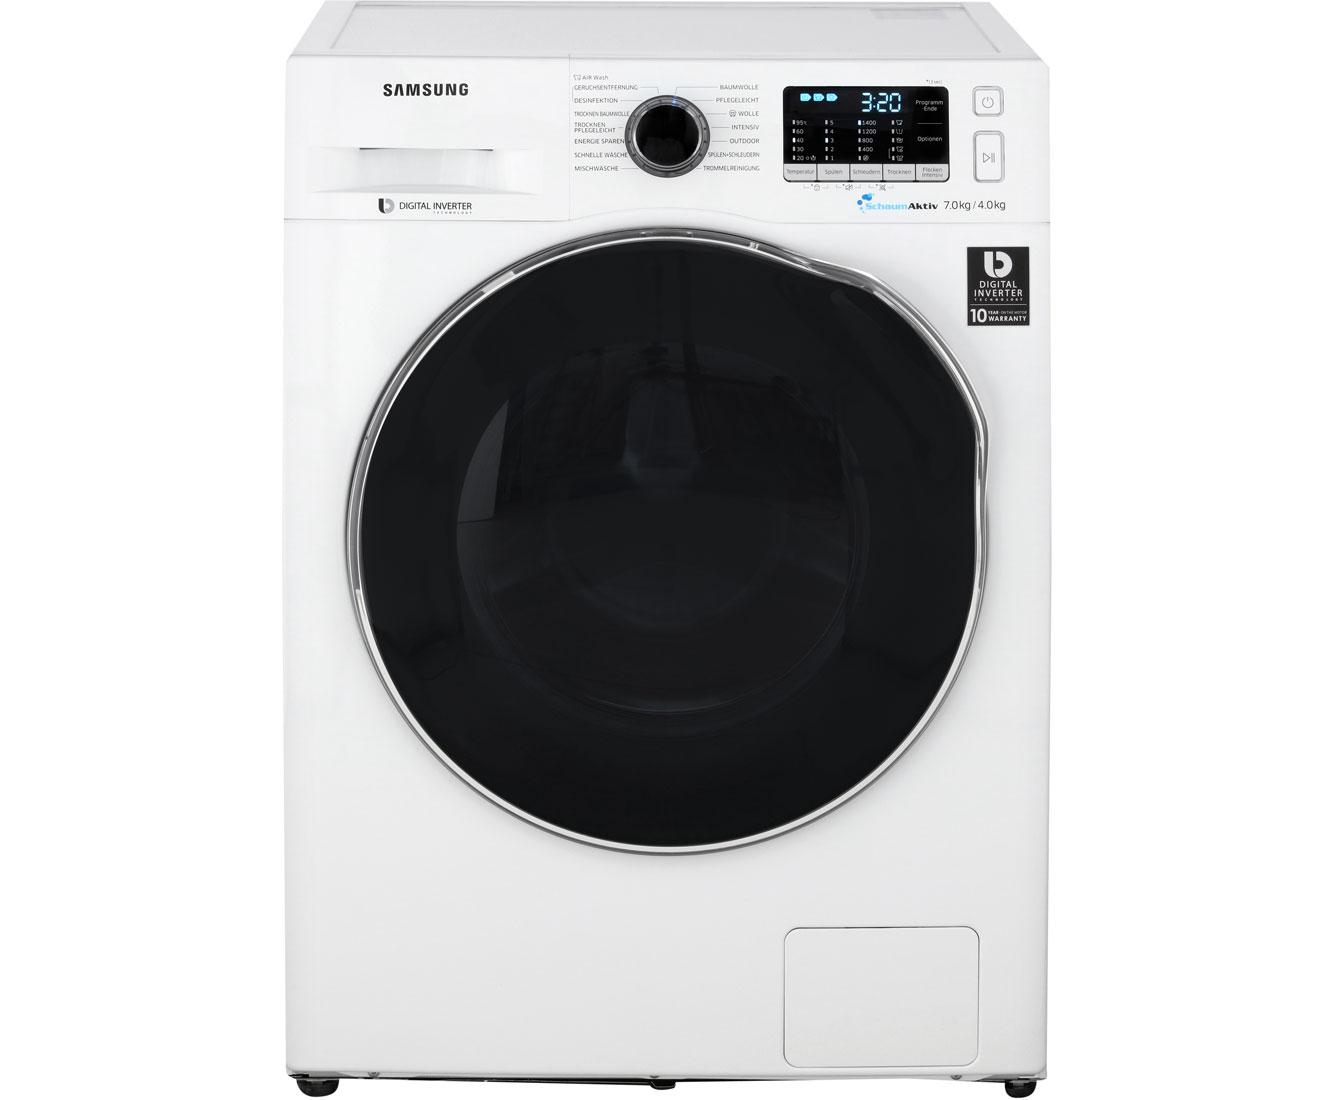 Bild zu Waschtrockner Samsung WD72J5A00AW/EG für 499€ (Vergleich: 550,28€)